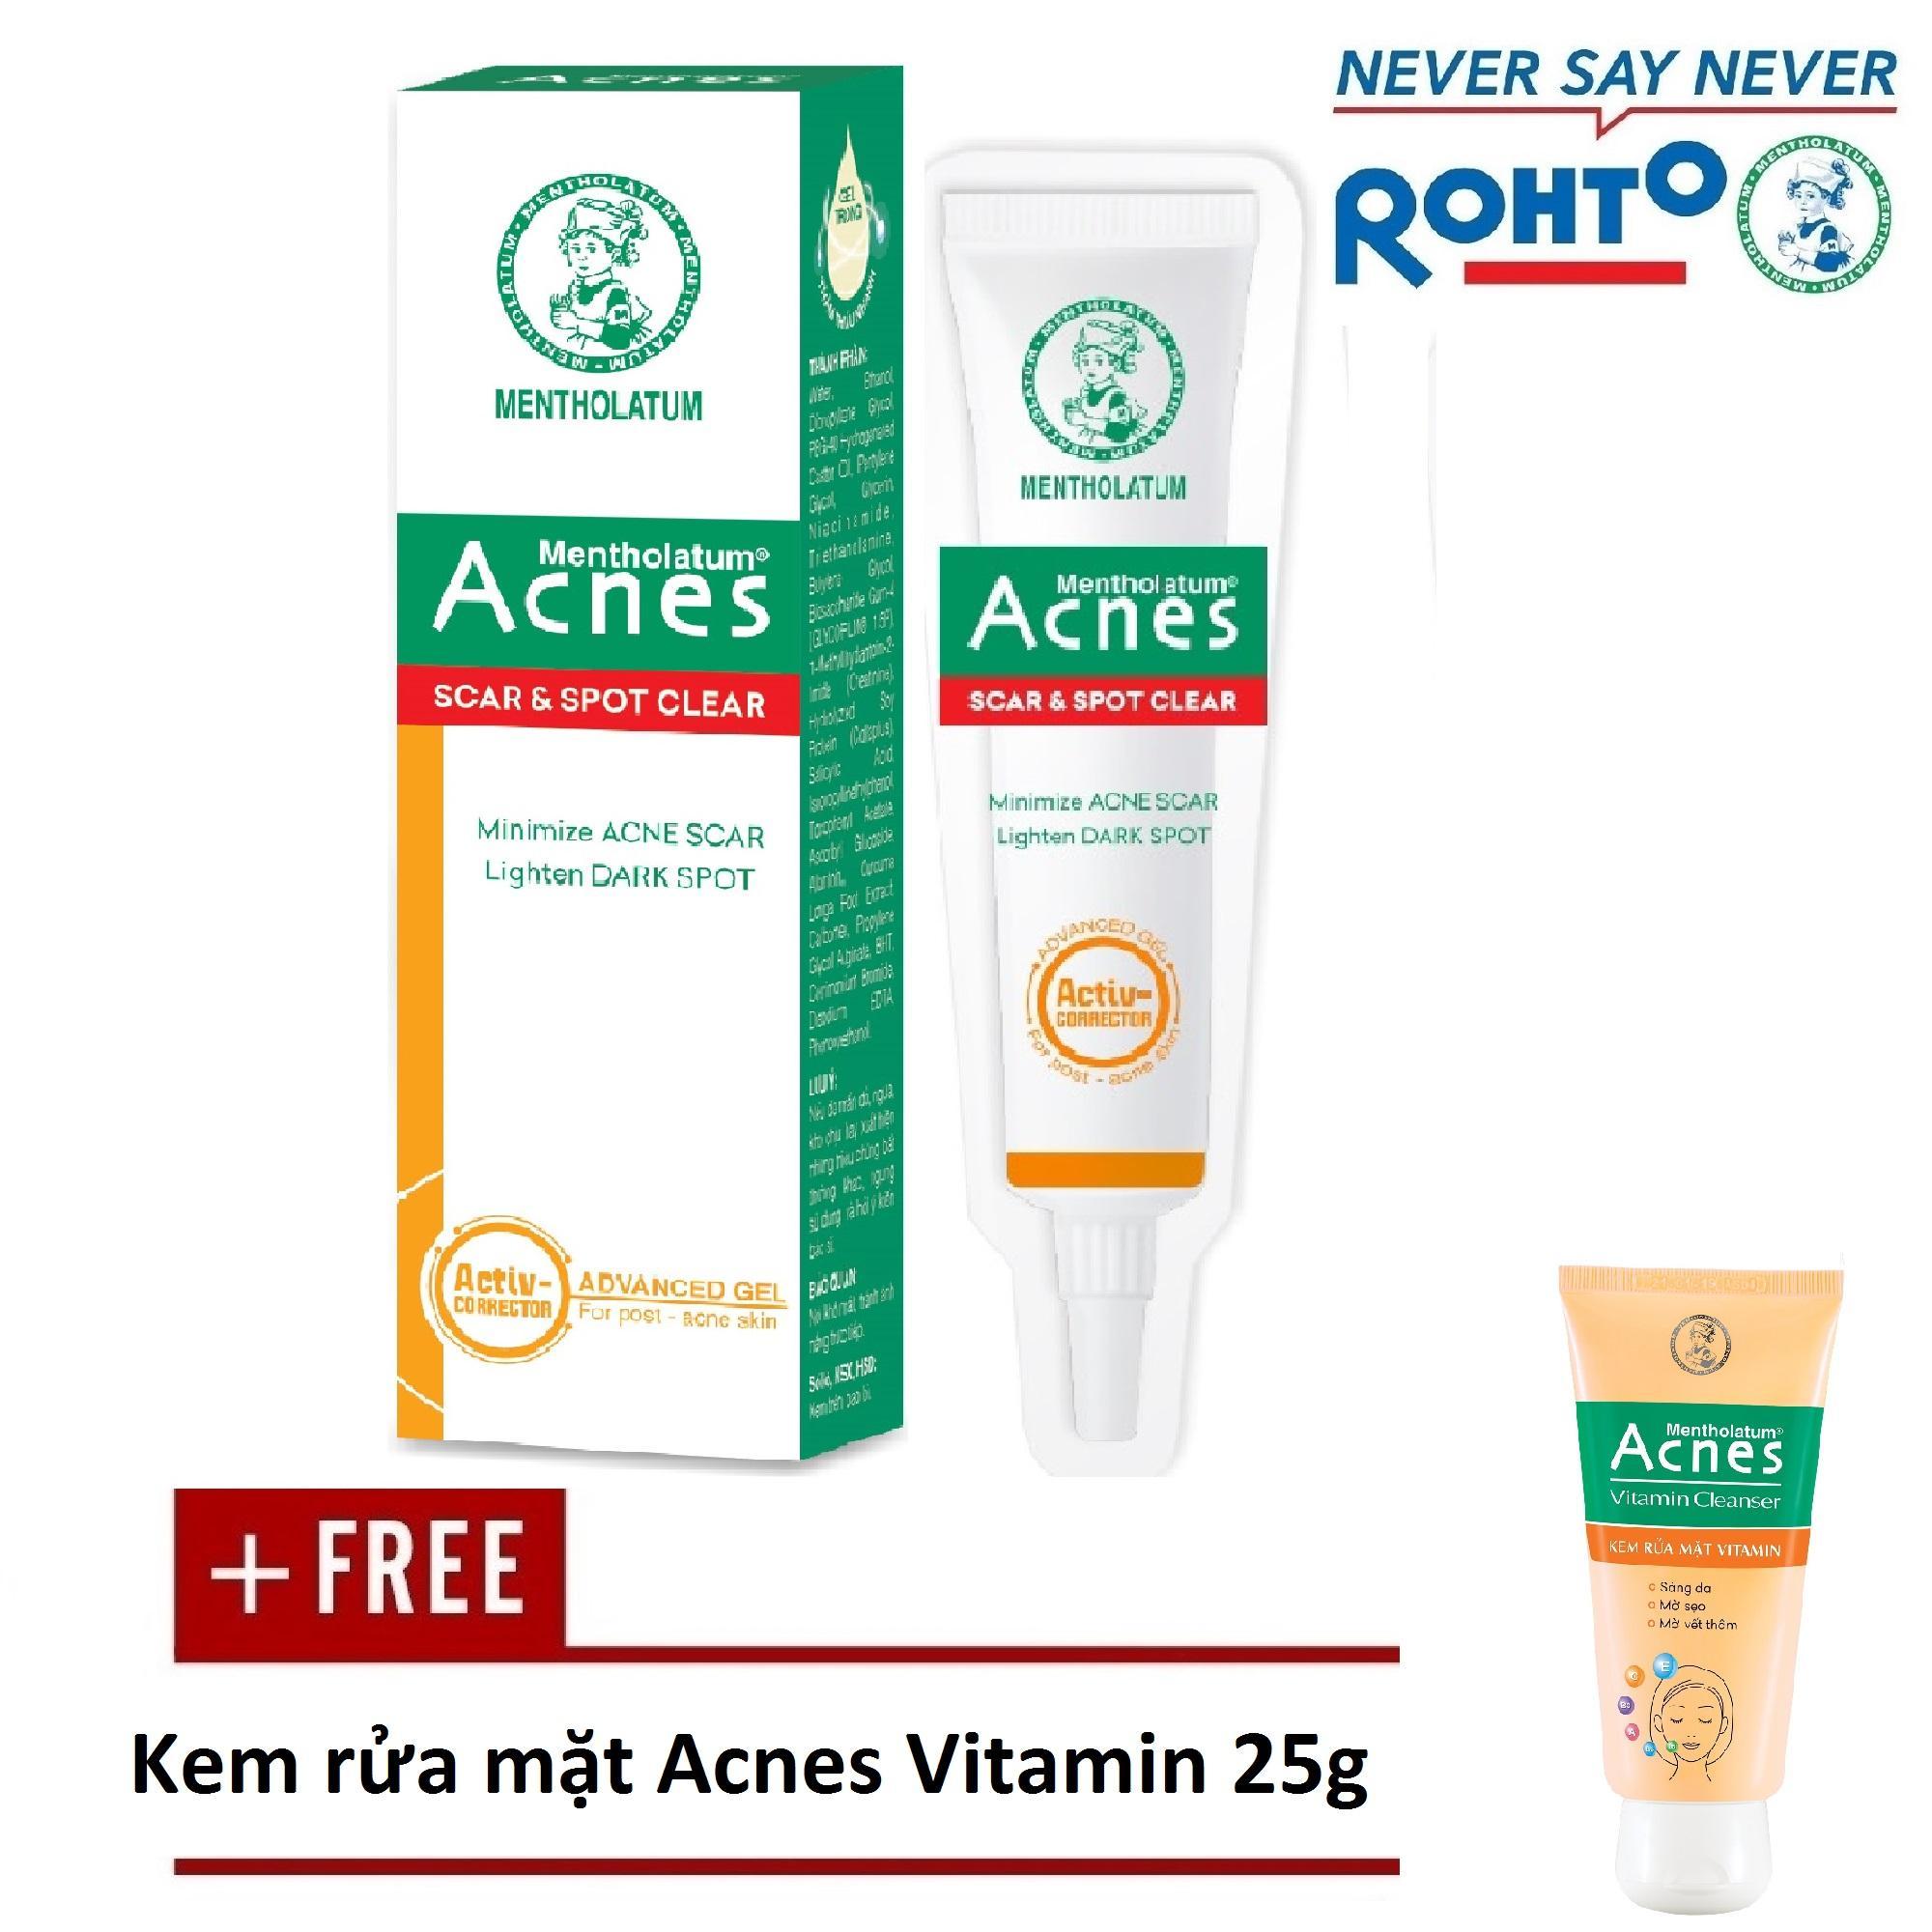 Hình ảnh Gel chuyên biệt sáng thâm mờ sẹo Acnes Scar and Spot Clear 10g + Tặng Kem rửa mặt Acnes Vitamin 25g